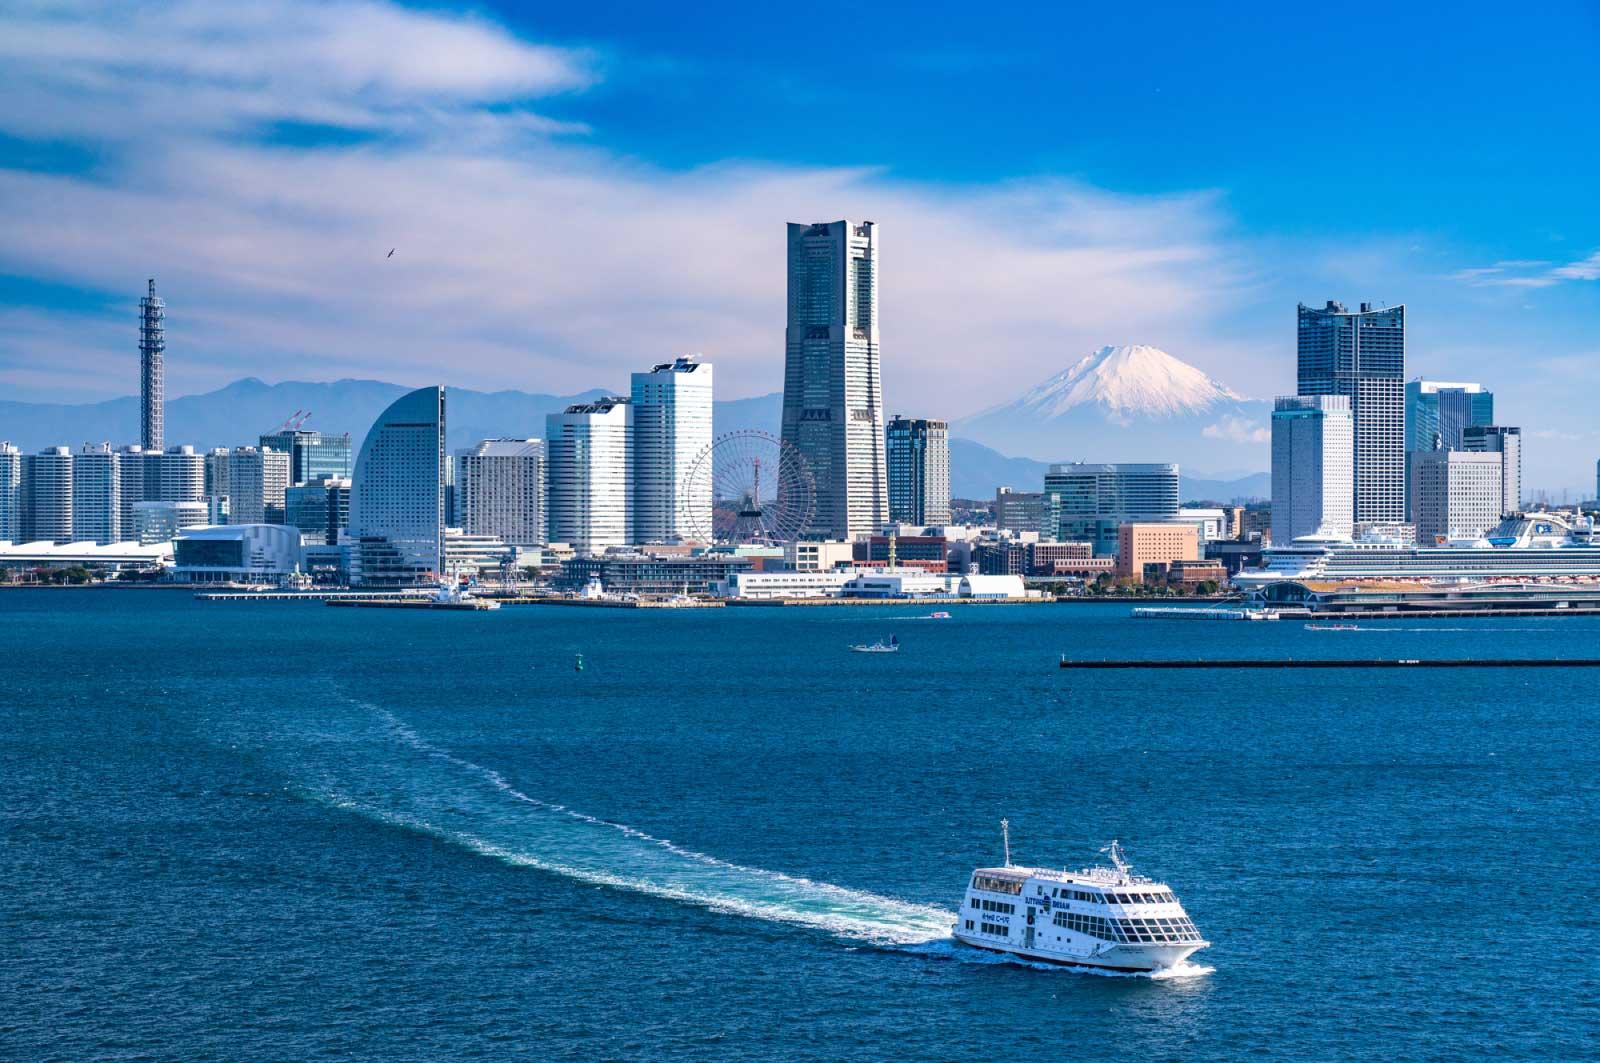 横浜なんかは神戸とかなり雰囲気が近くて、落ち着く